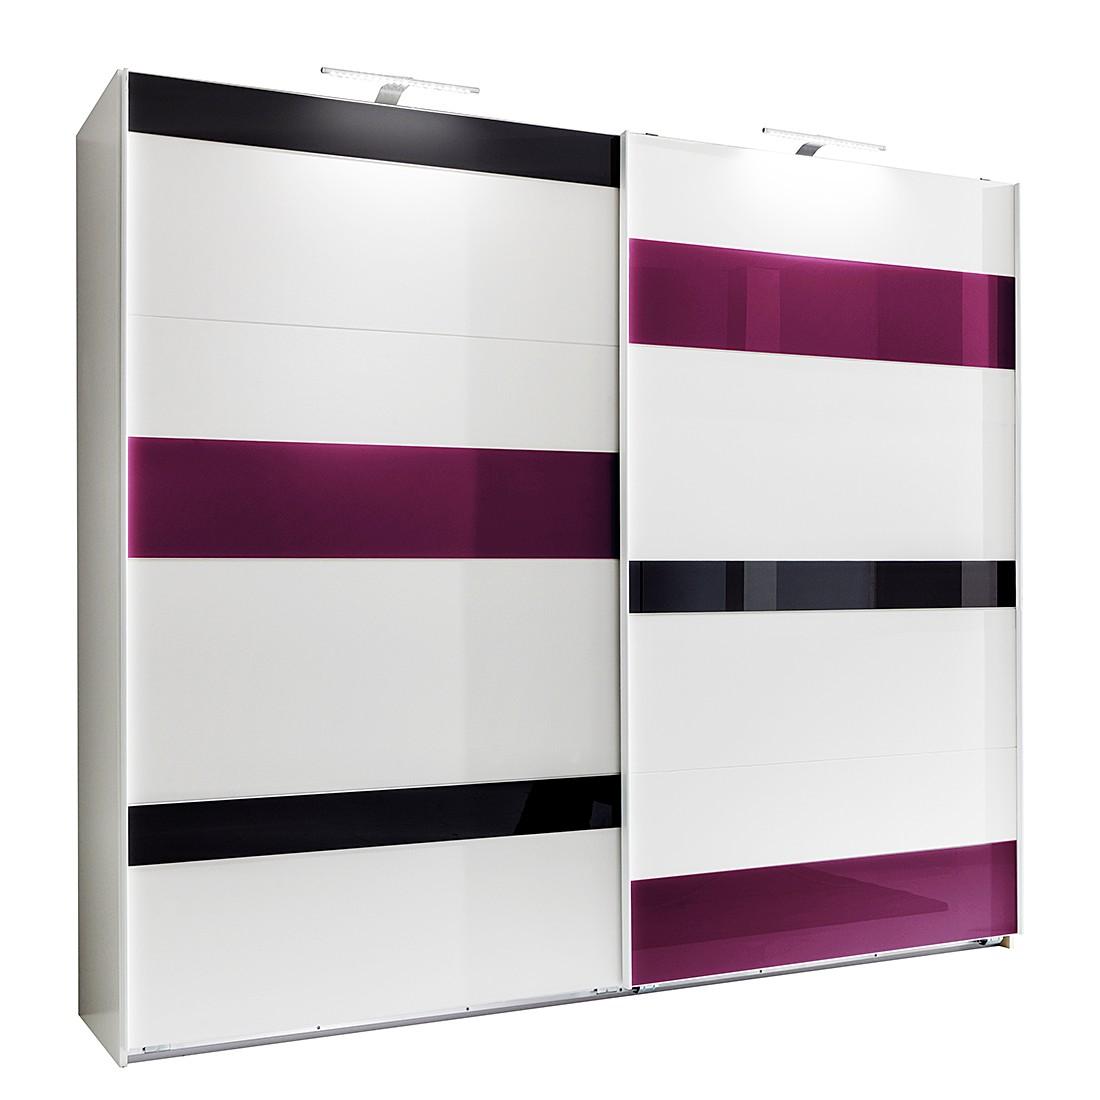 goedkoop Schuifdeurkast Mondrian Alpinewit braamkleurig glas 225cm 2 deurs Wimex